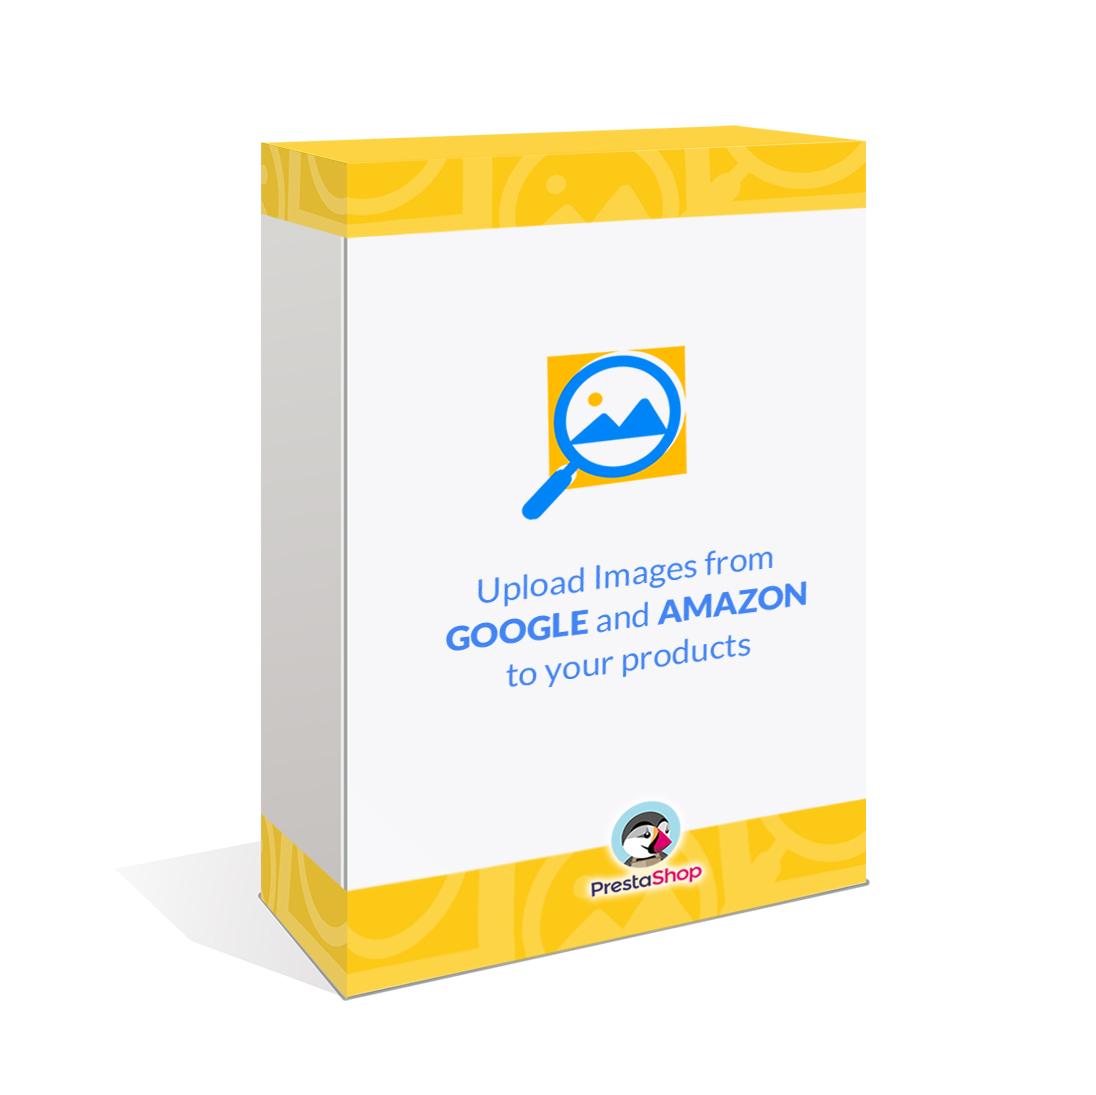 Módulo Añade Imágenes de Google y Amazon a tus Productos